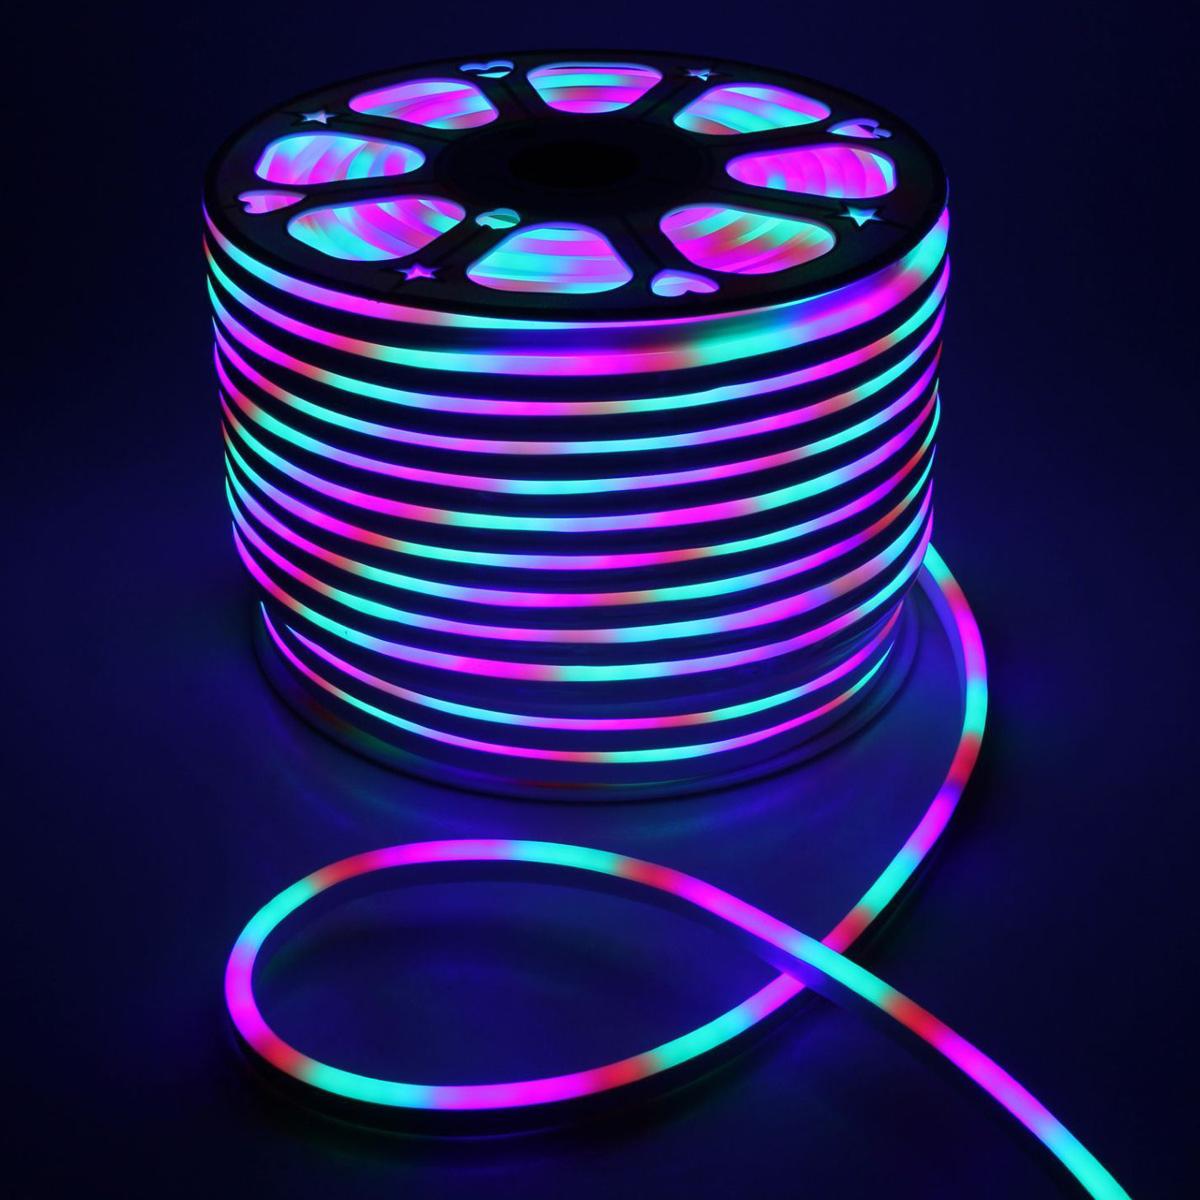 Гирлянда светодиодная Luazon, 120 ламп, 220 V, цвет: мультиколор, 0,8 см х 1,6 см х 100 м. 14312751586007Светодиодные гирлянды, ленты и т.д — это отличный вариант для новогоднего оформления интерьера или фасада. С их помощью помещение любого размера можно превратить в праздничный зал, а внешние элементы зданий, украшенные ими, мгновенно станут напоминать очертания сказочного дворца. Такие украшения создают ауру предвкушения чуда. Деревья, фасады, витрины, окна и арки будто специально созданы, чтобы вы украсили их светящимися нитями.